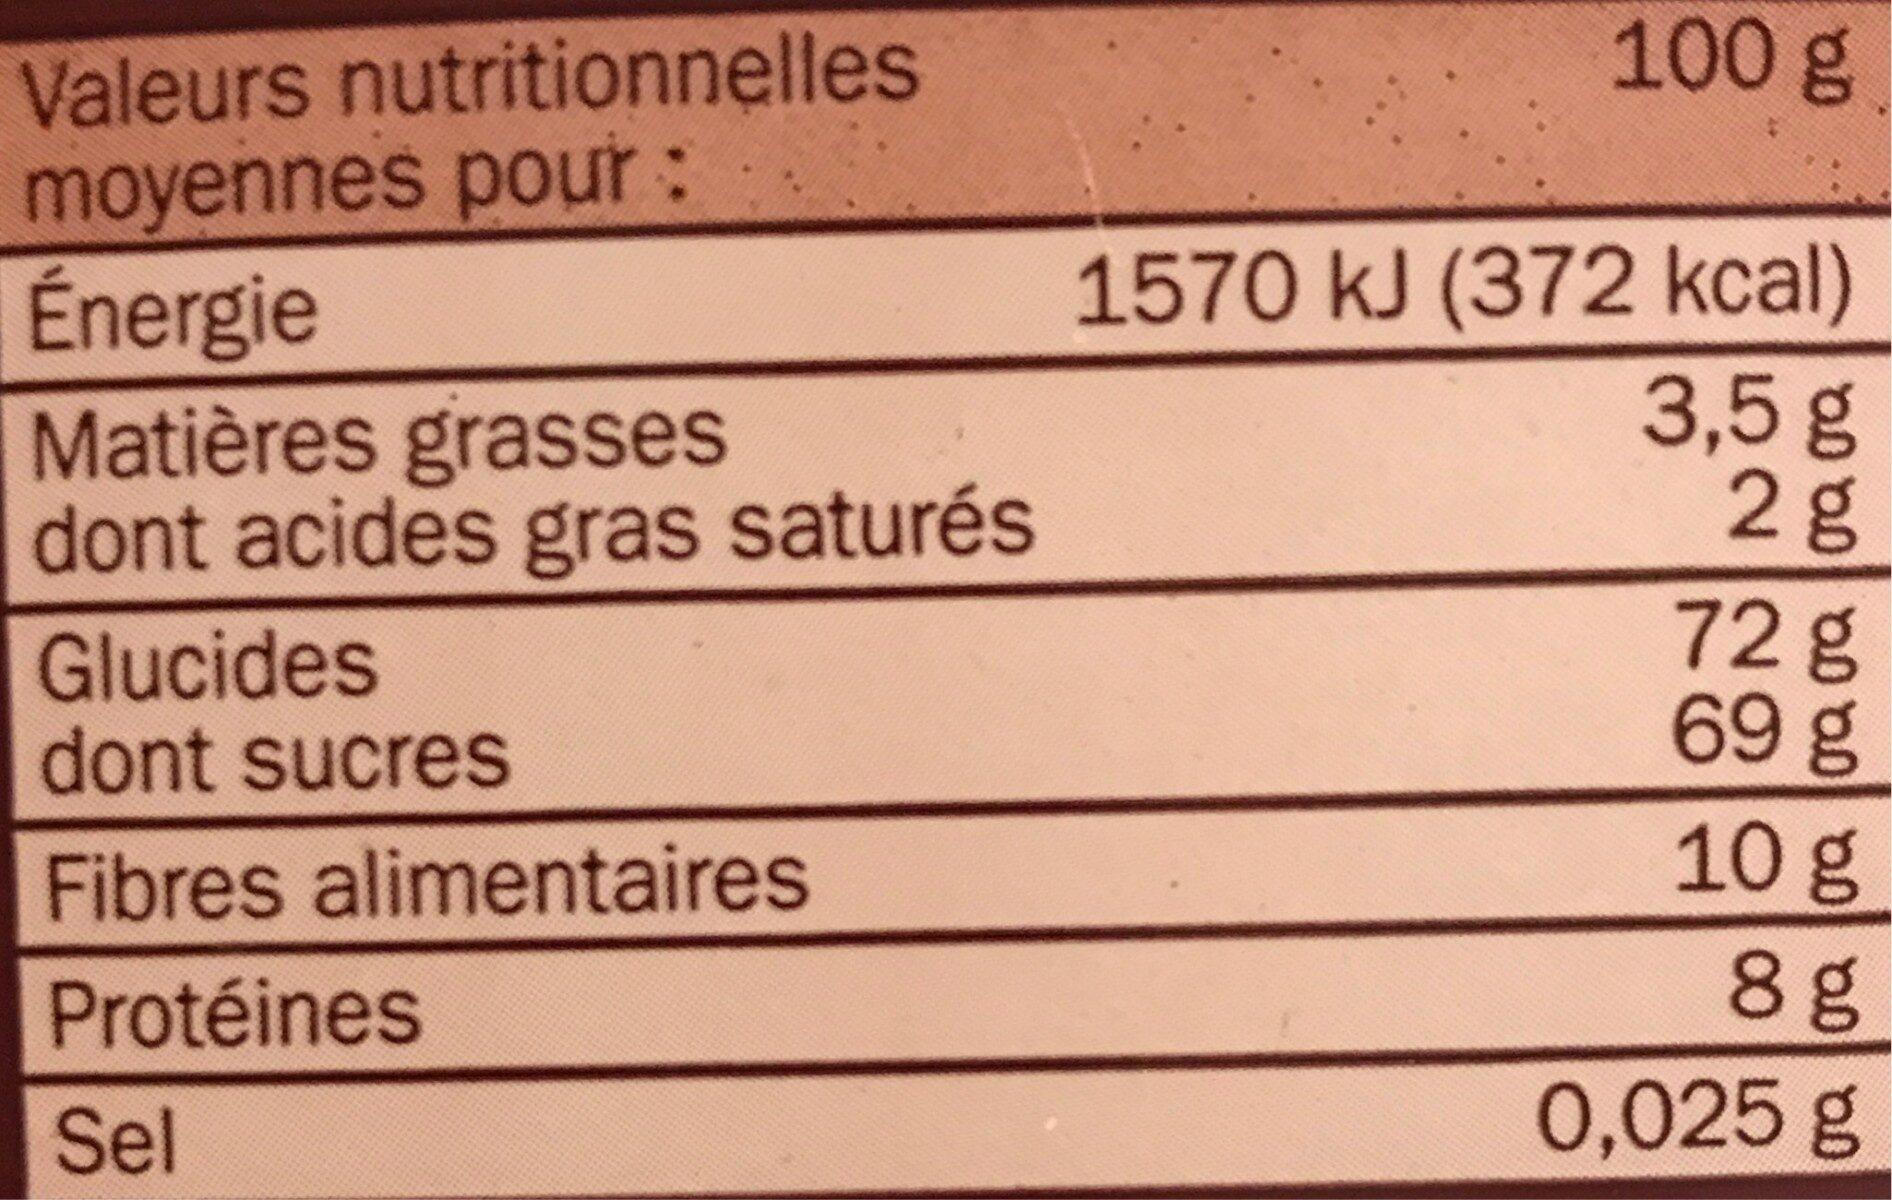 Petit-déjeuner chocolaté - Informations nutritionnelles - fr